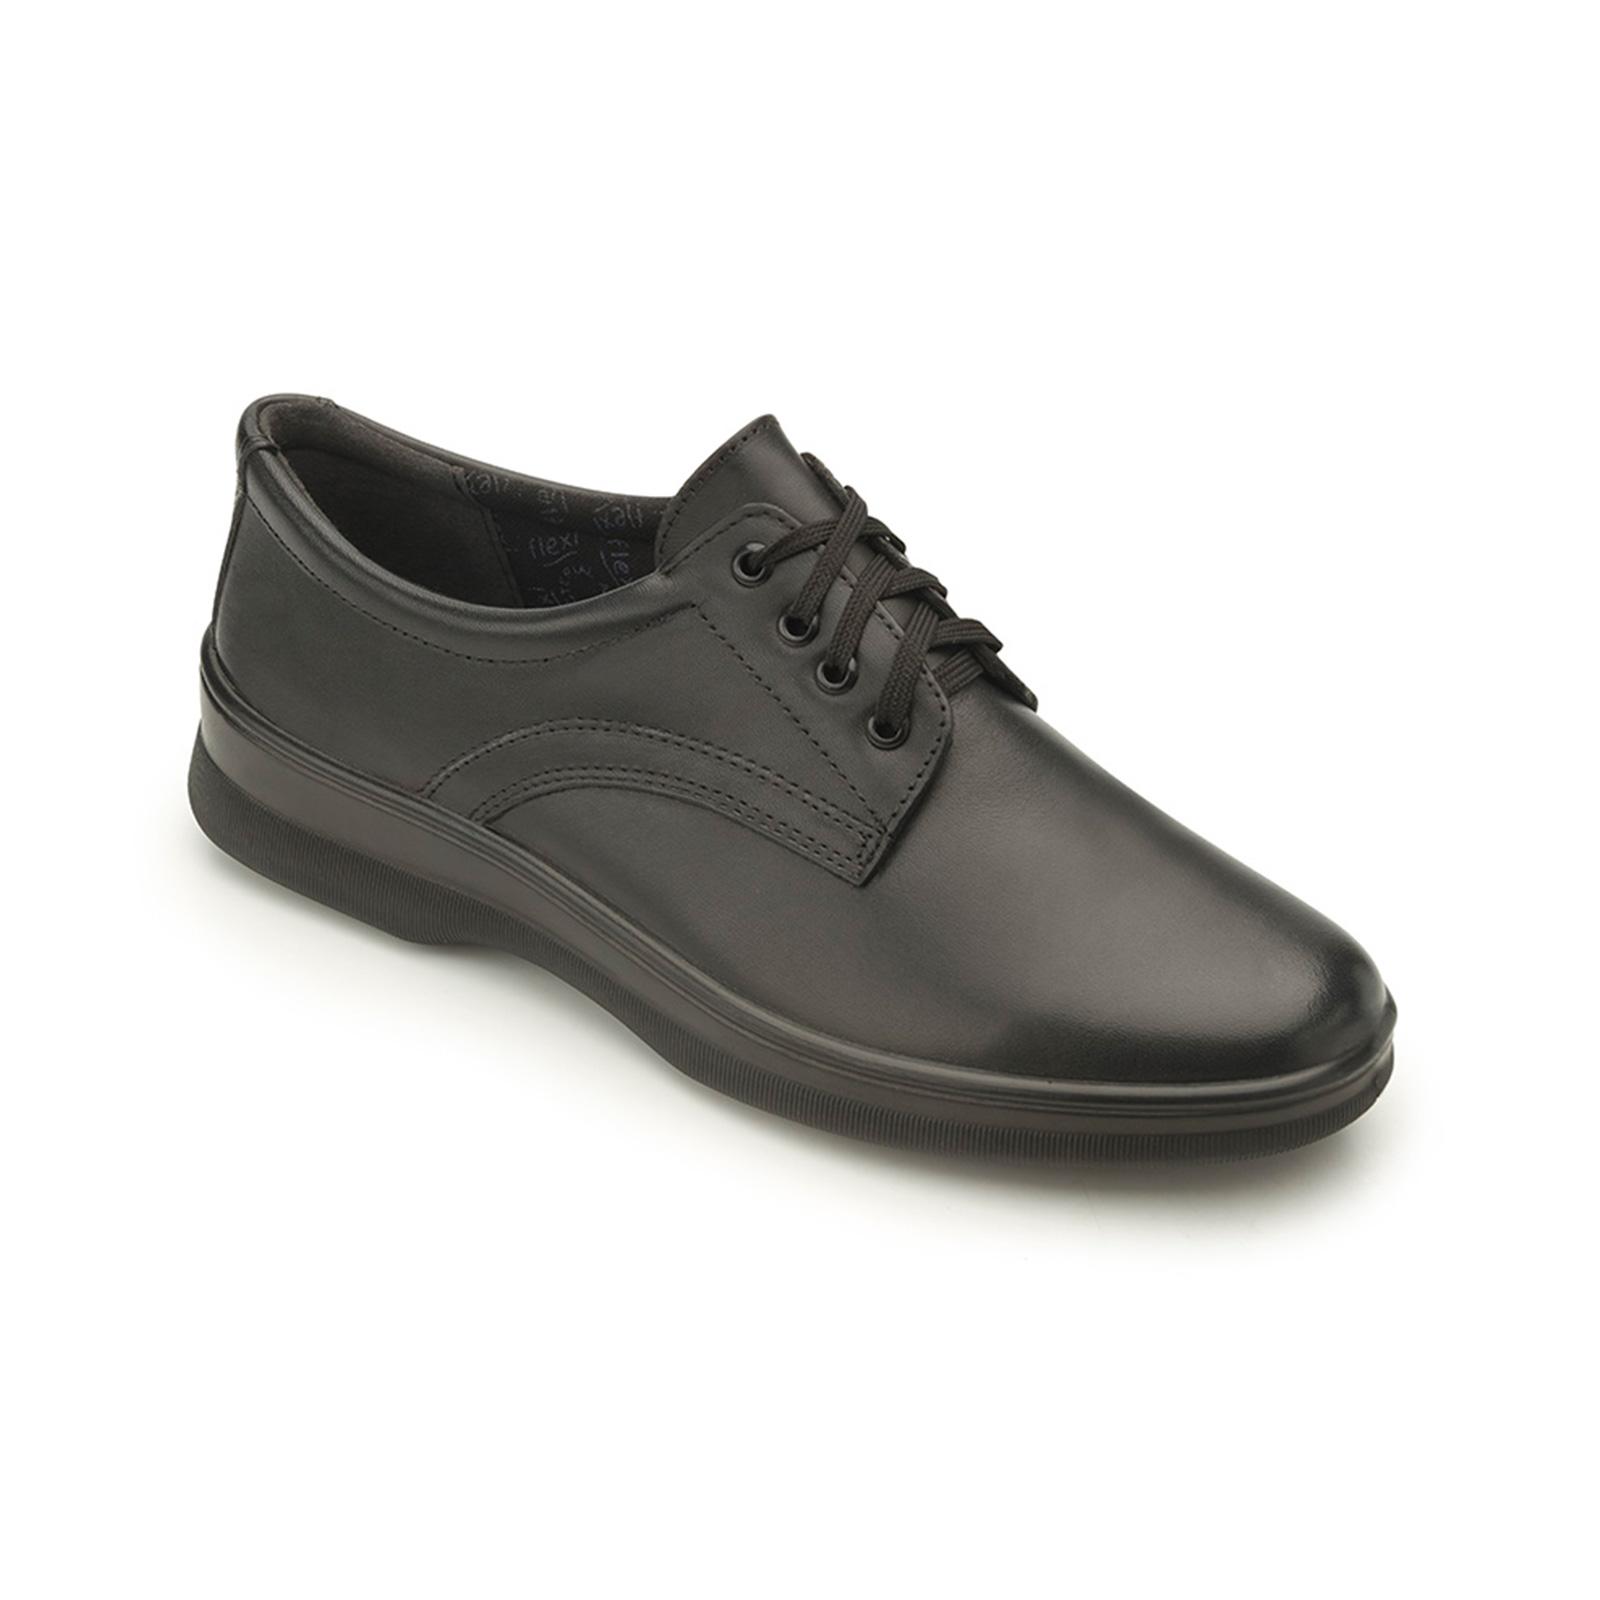 90e1cb57b4f Zapato agujetas servicio - Flexi México